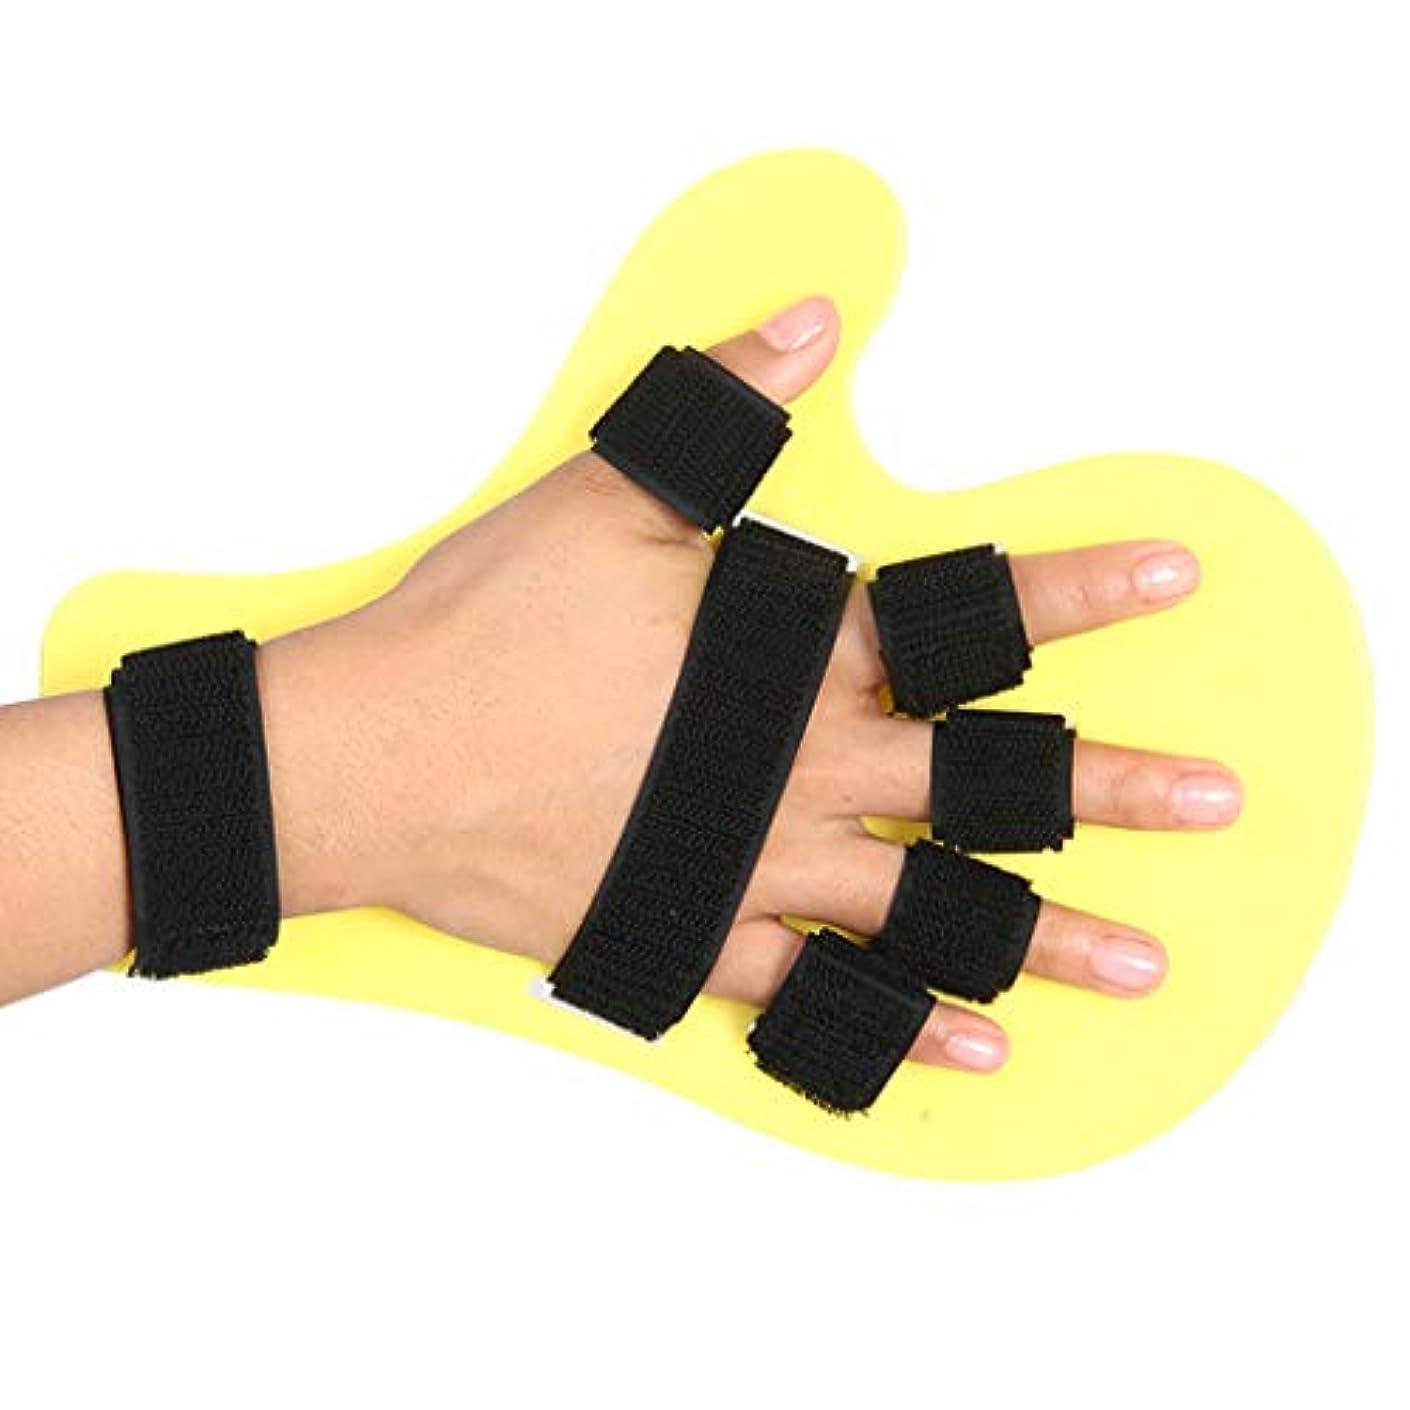 描写確実海洋副子指板訓練装置、調節可能な指装具、脳卒中片麻痺のための指リハビリテーション固定ストレート,A